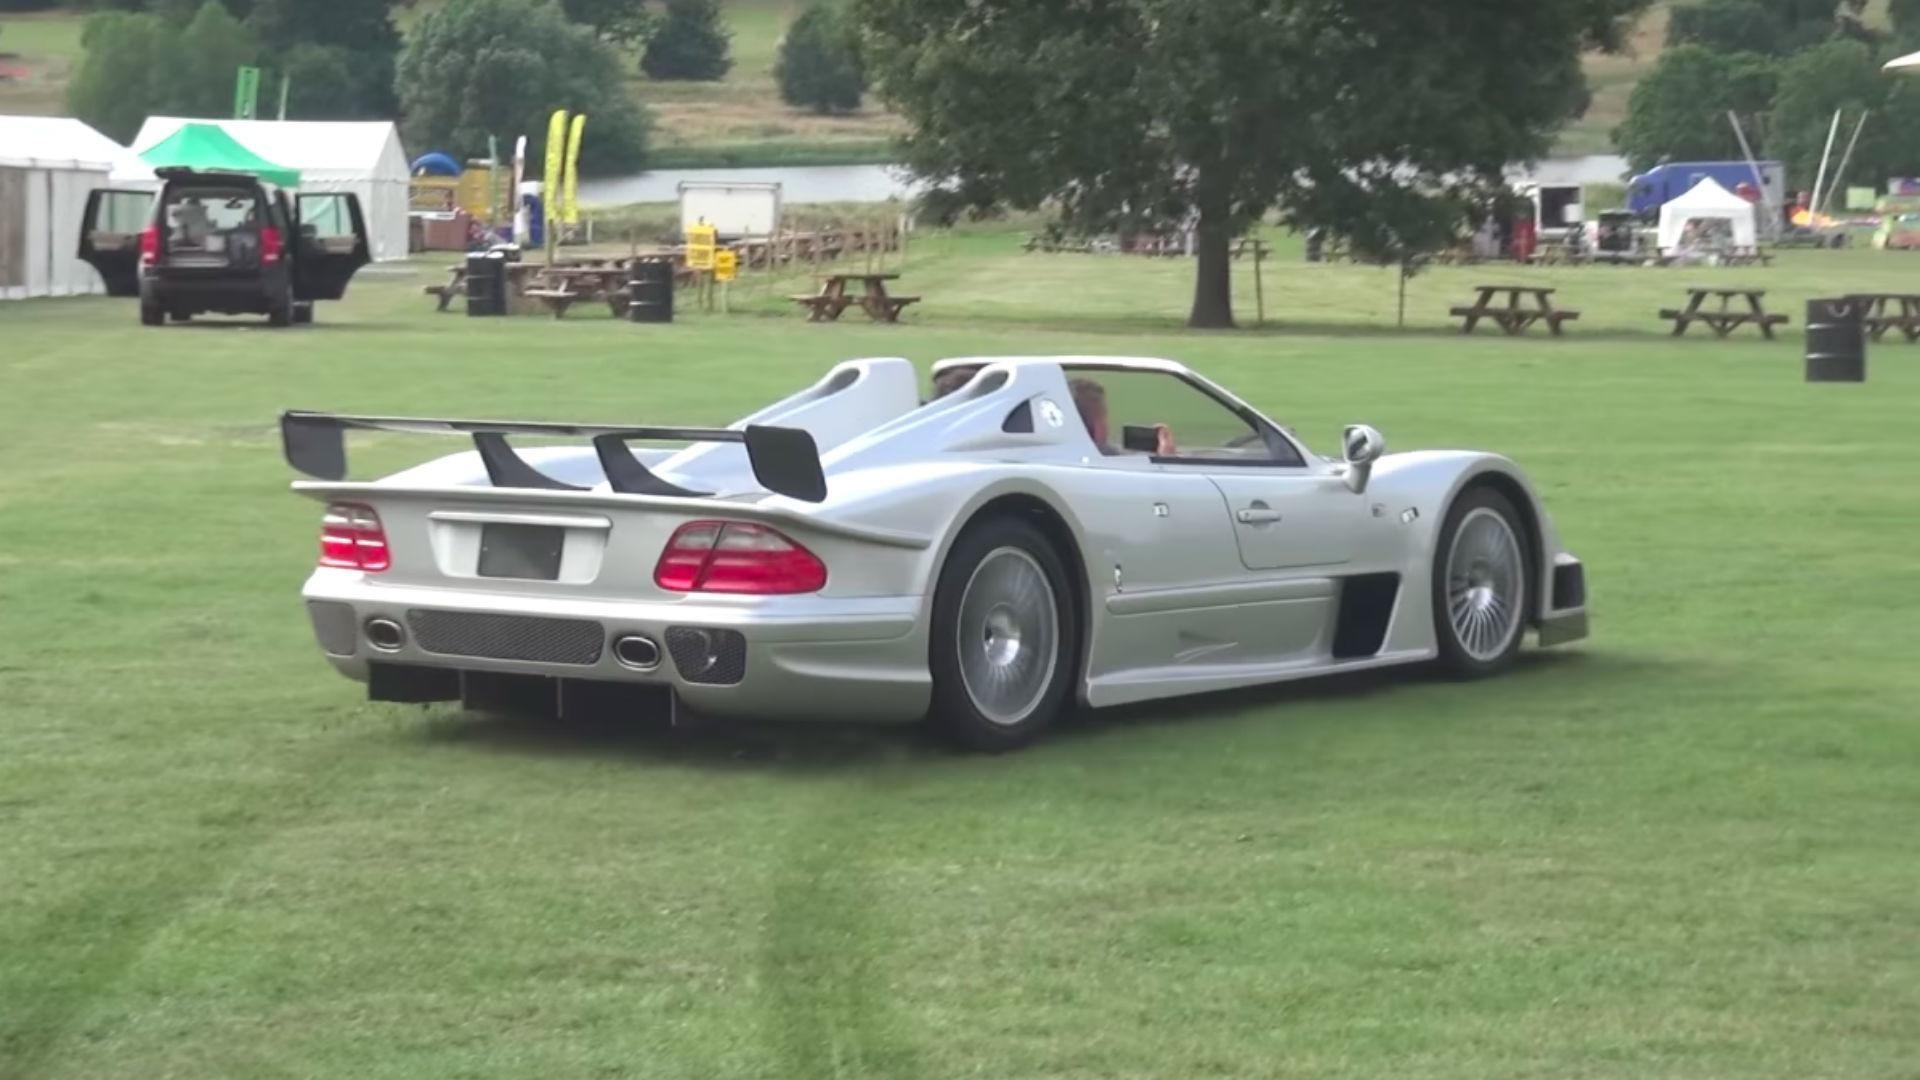 Une Mercedes CLK GTR Roadster se prend pour une voiture de rallye !